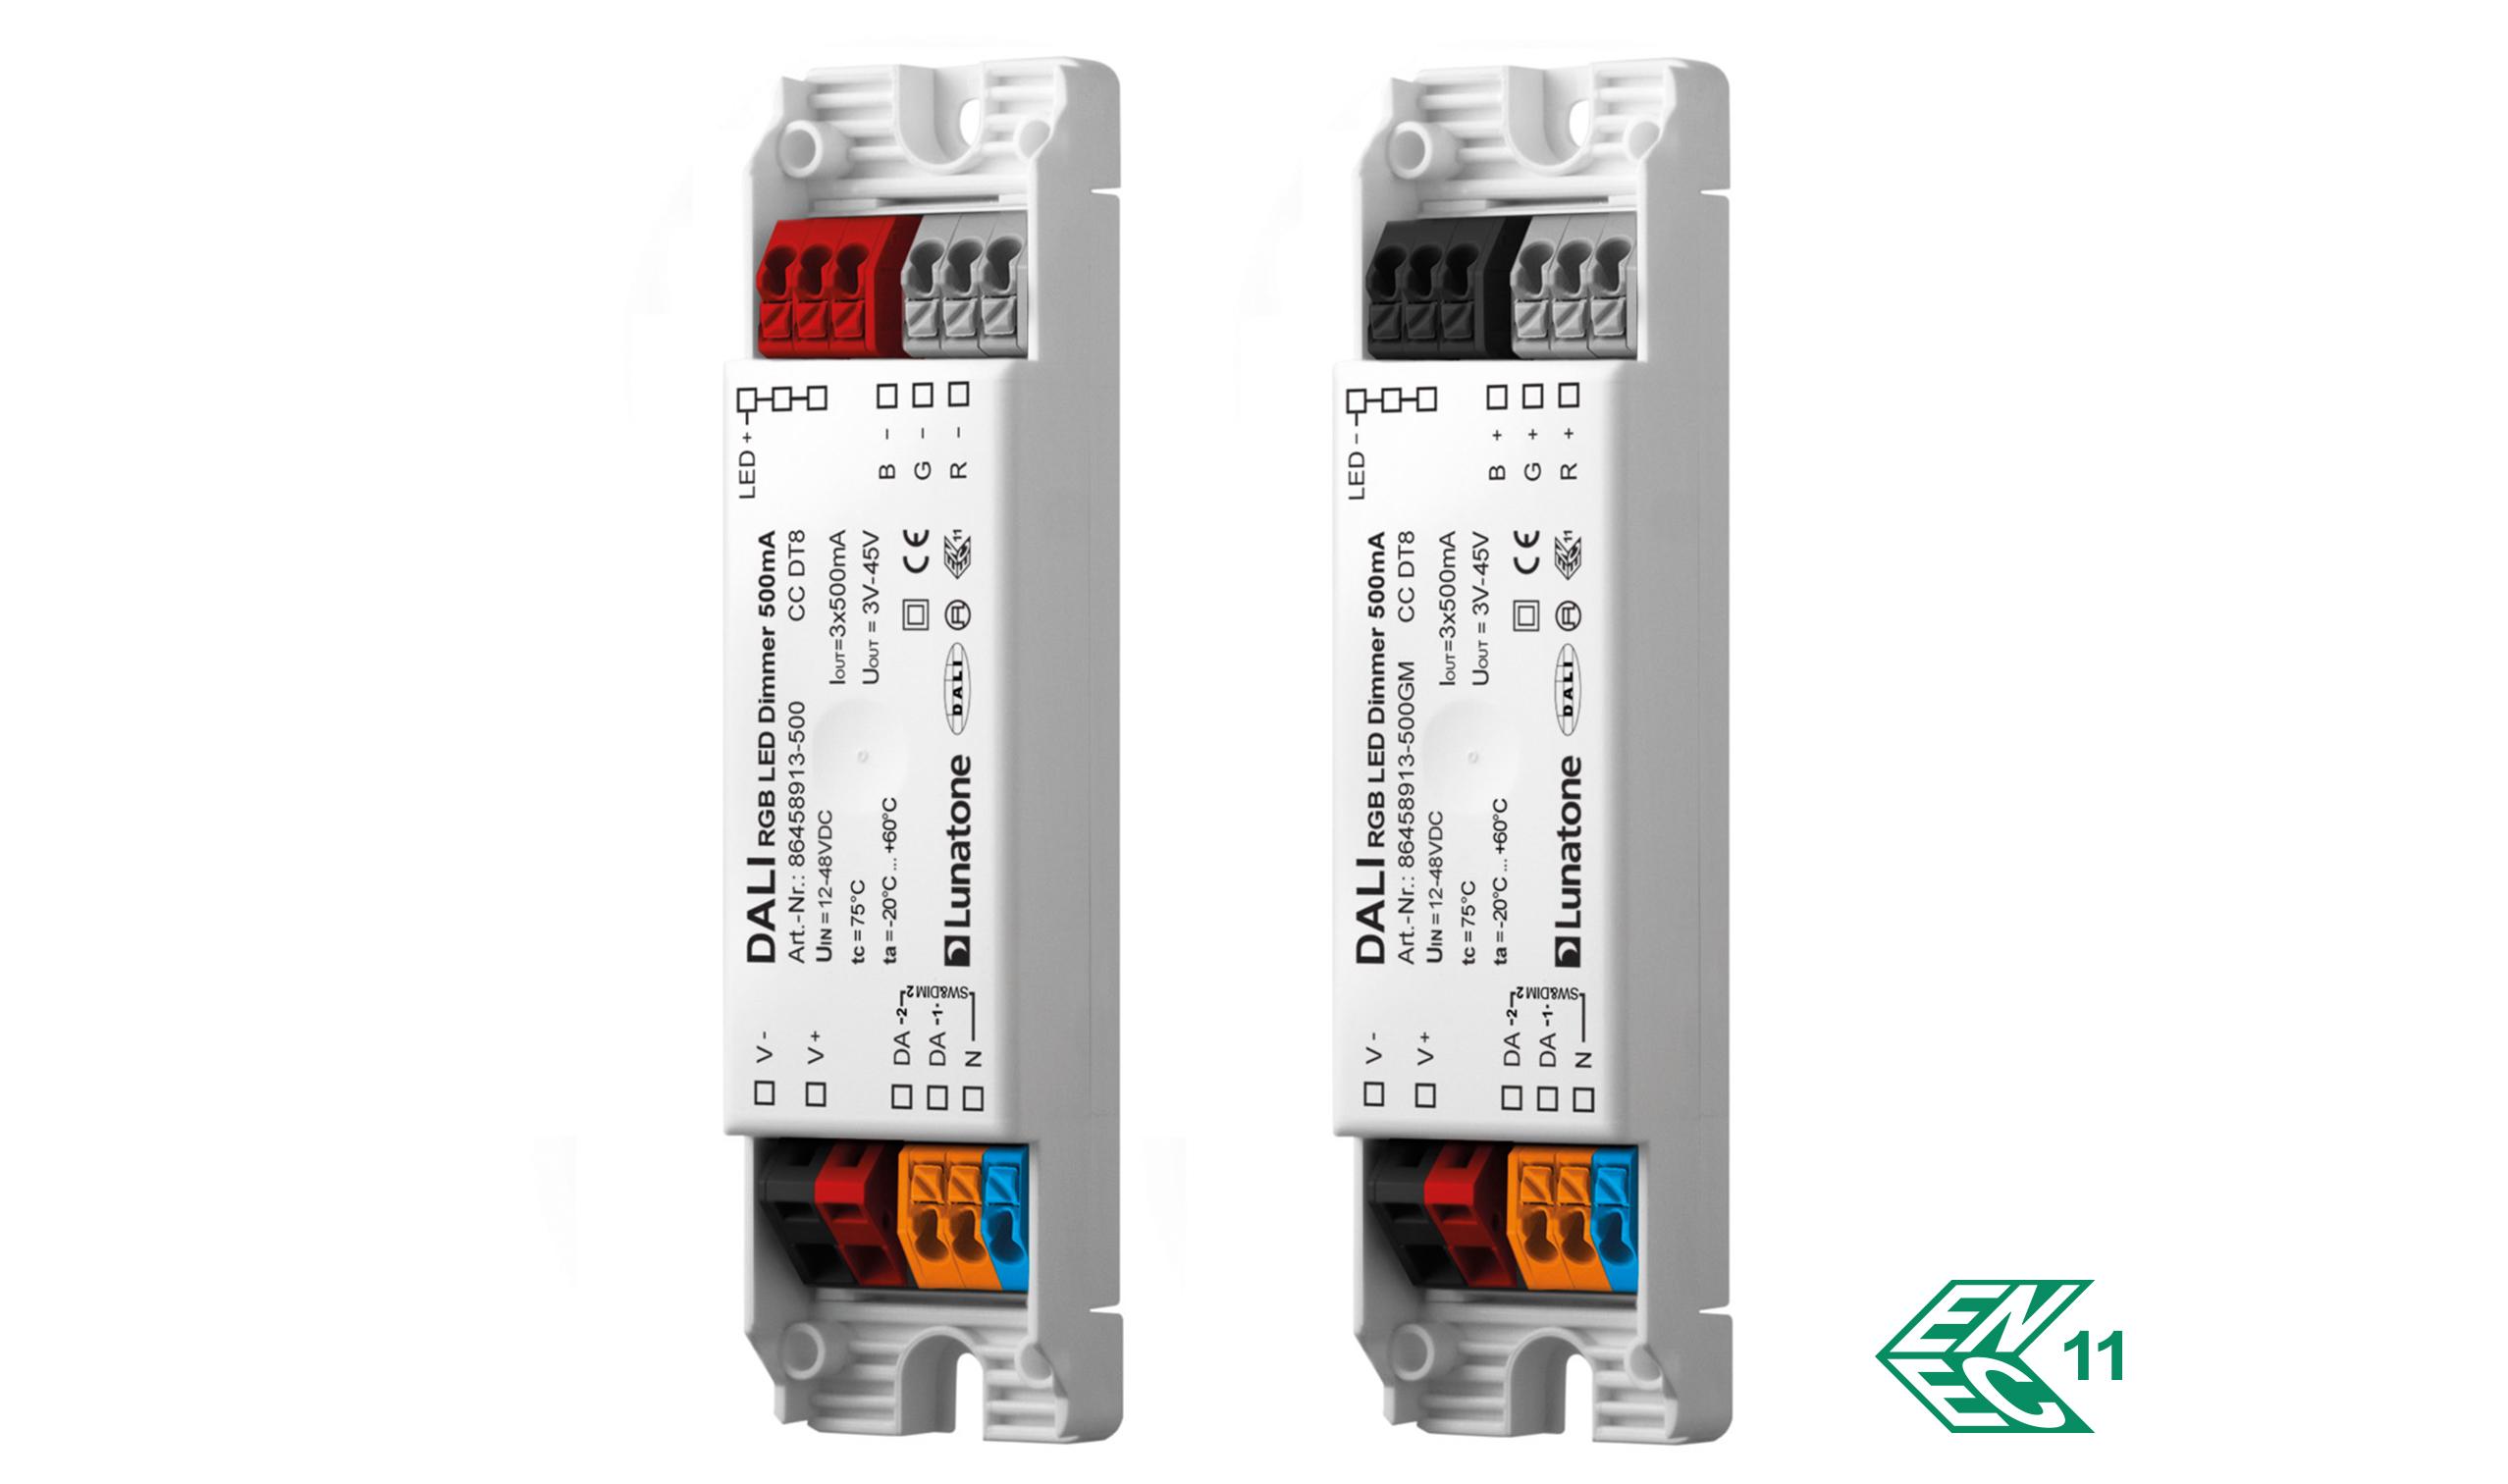 DALI RGB LED Dimmer CC DT8 Lunatone